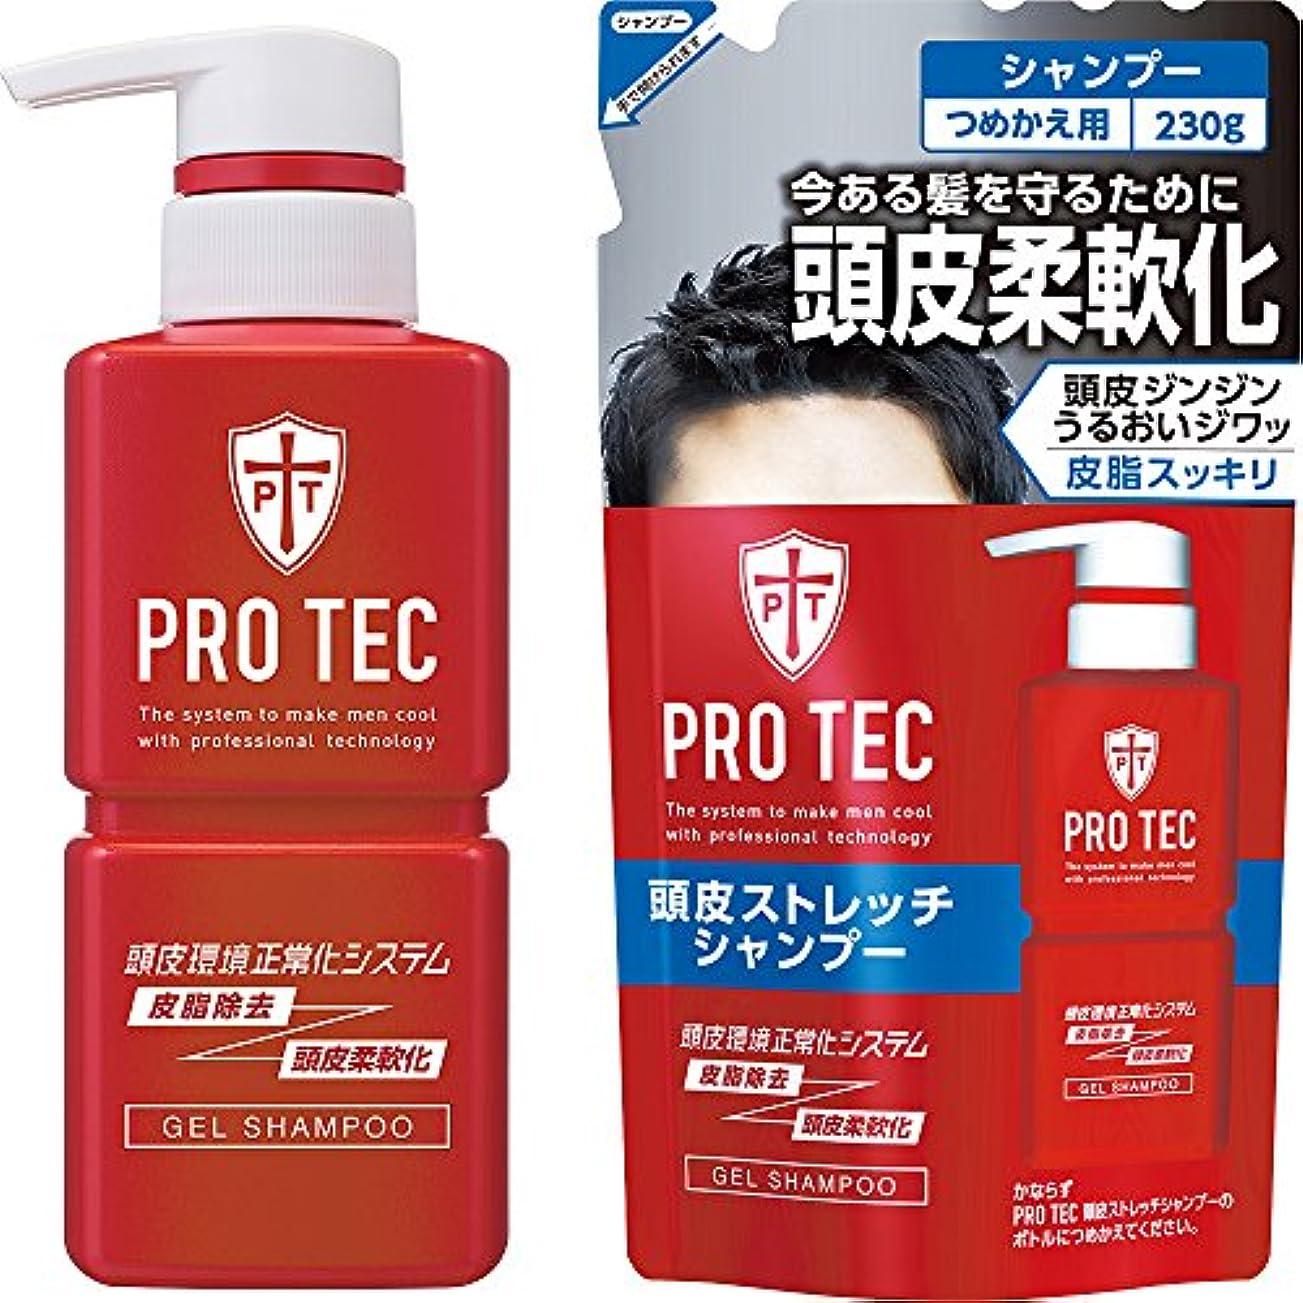 代数帳面電球PRO TEC(プロテク) 頭皮ストレッチシャンプー 本体ポンプ300g+詰め替え230g セット(医薬部外品)